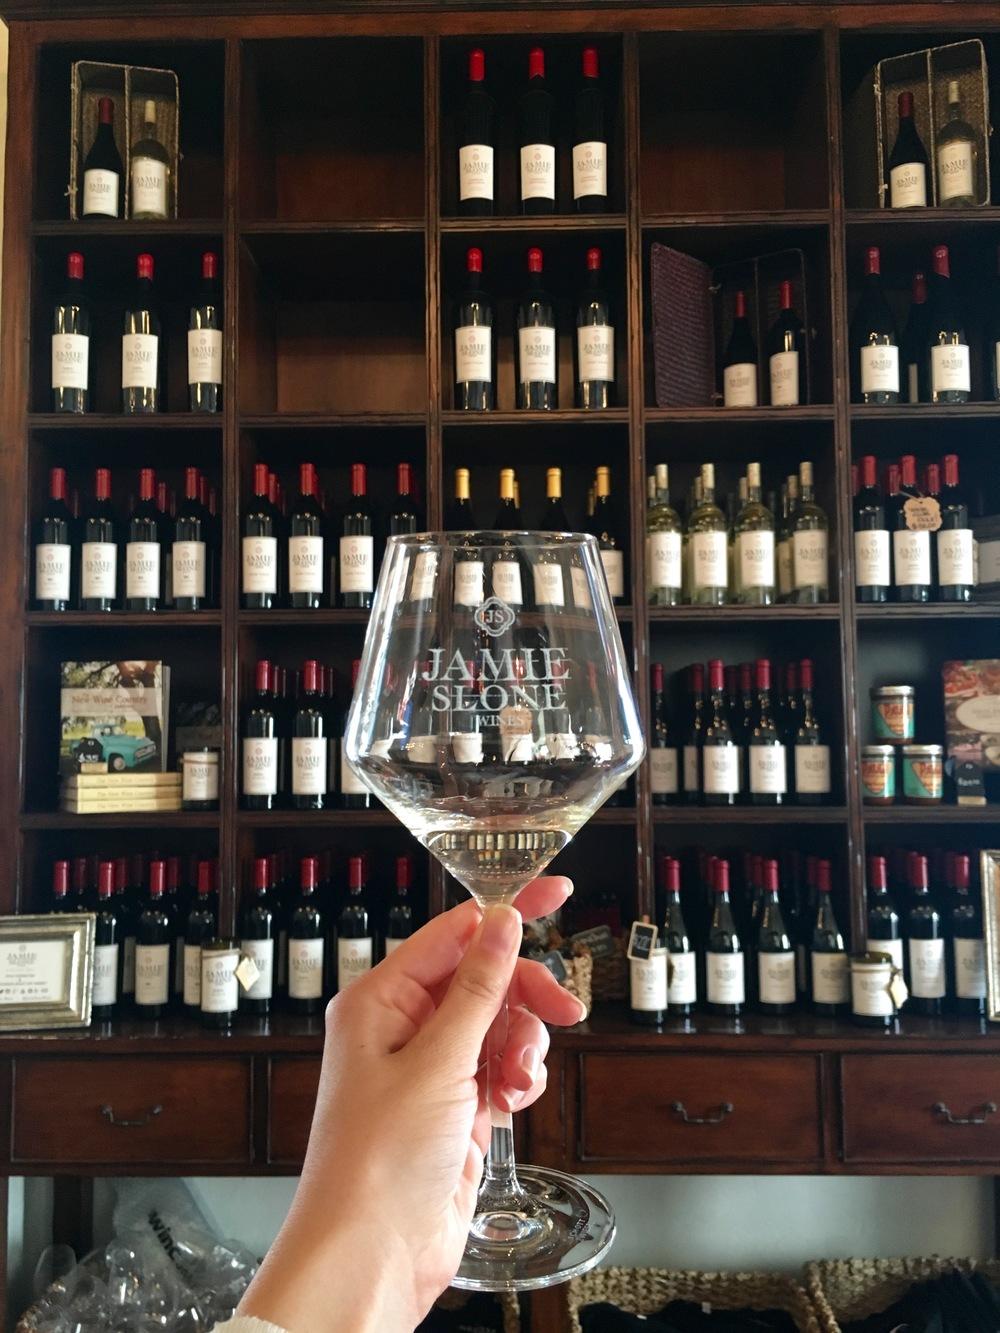 Jamie Slone Wine Tasting